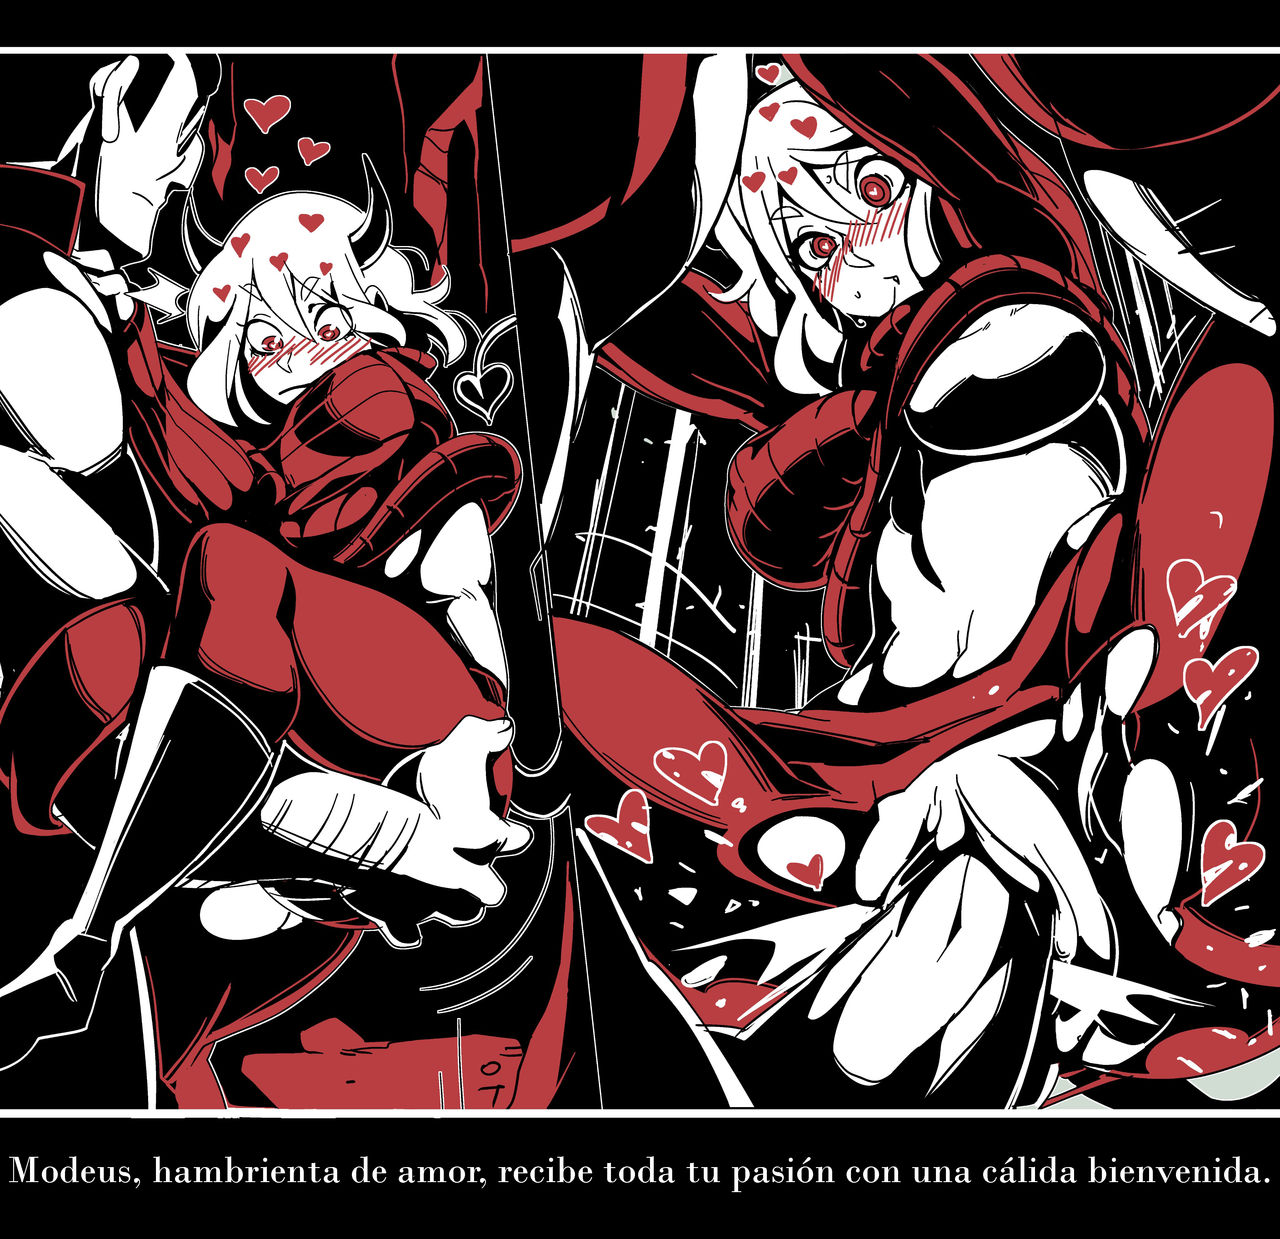 HELLTAKER Fanart Madness!